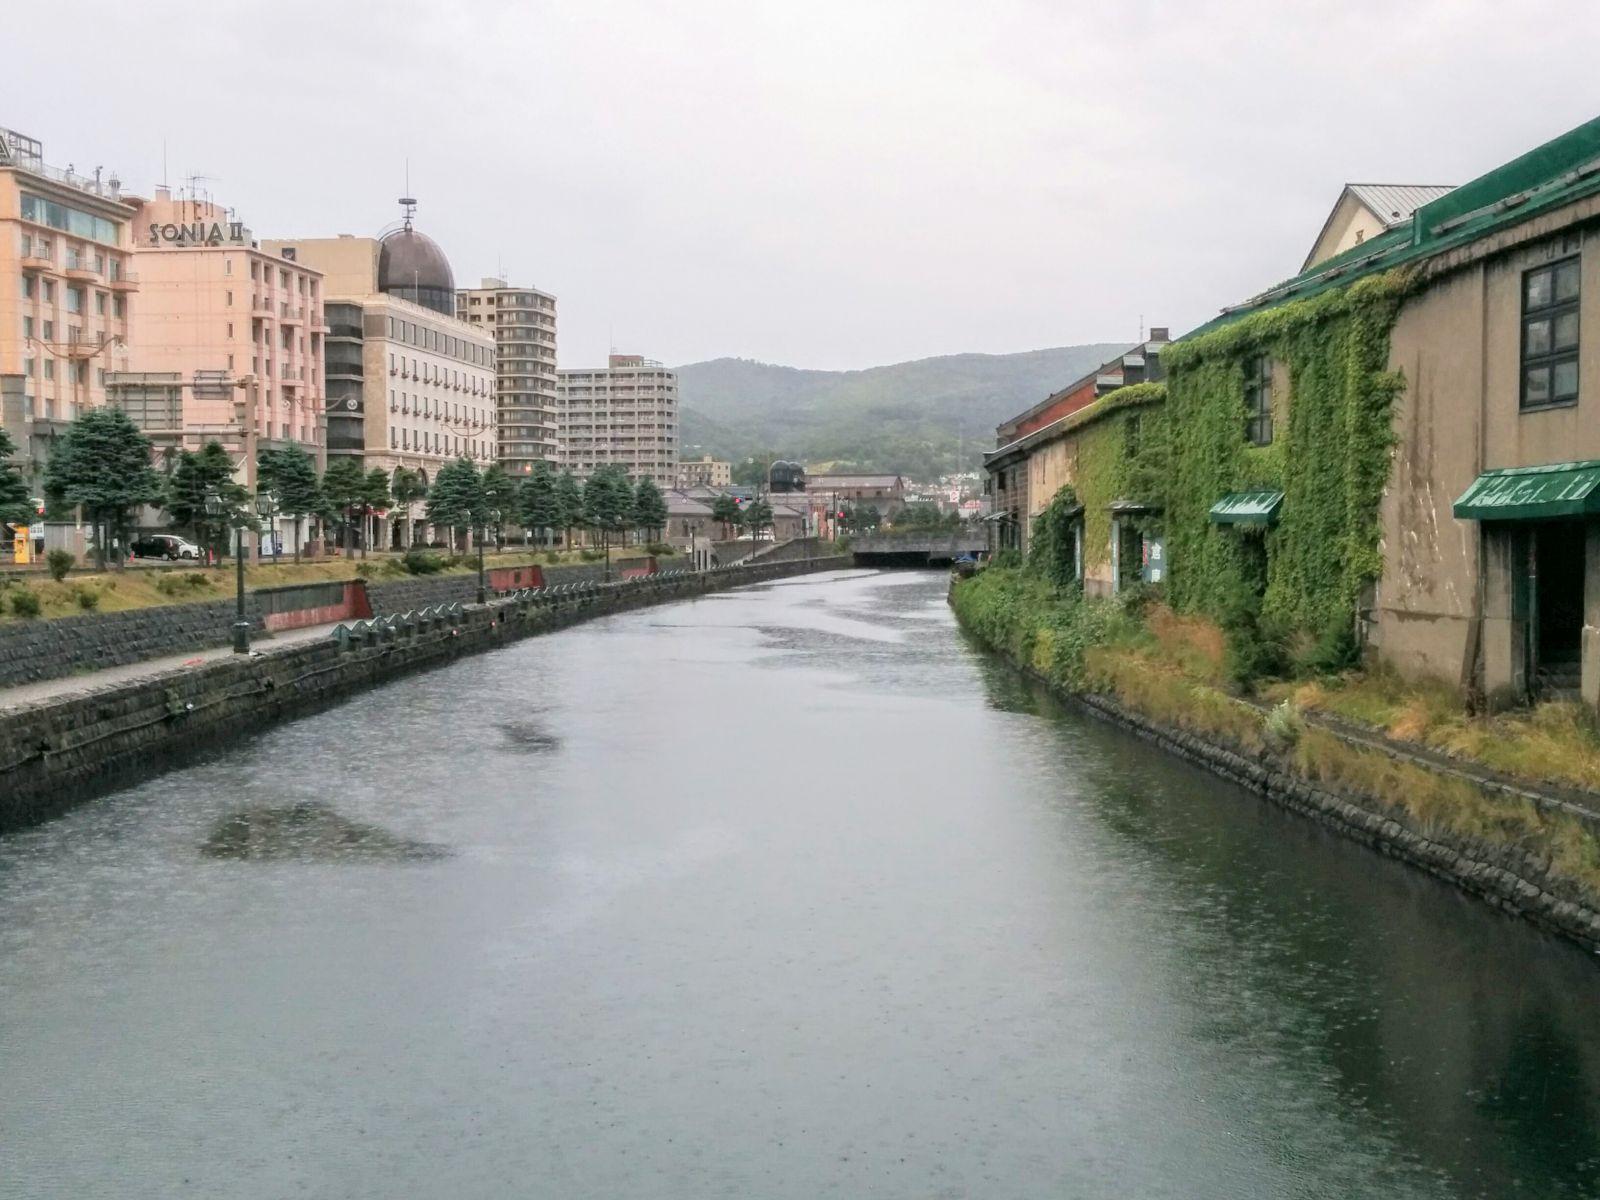 【小樽市】小樽運河観光案内です。